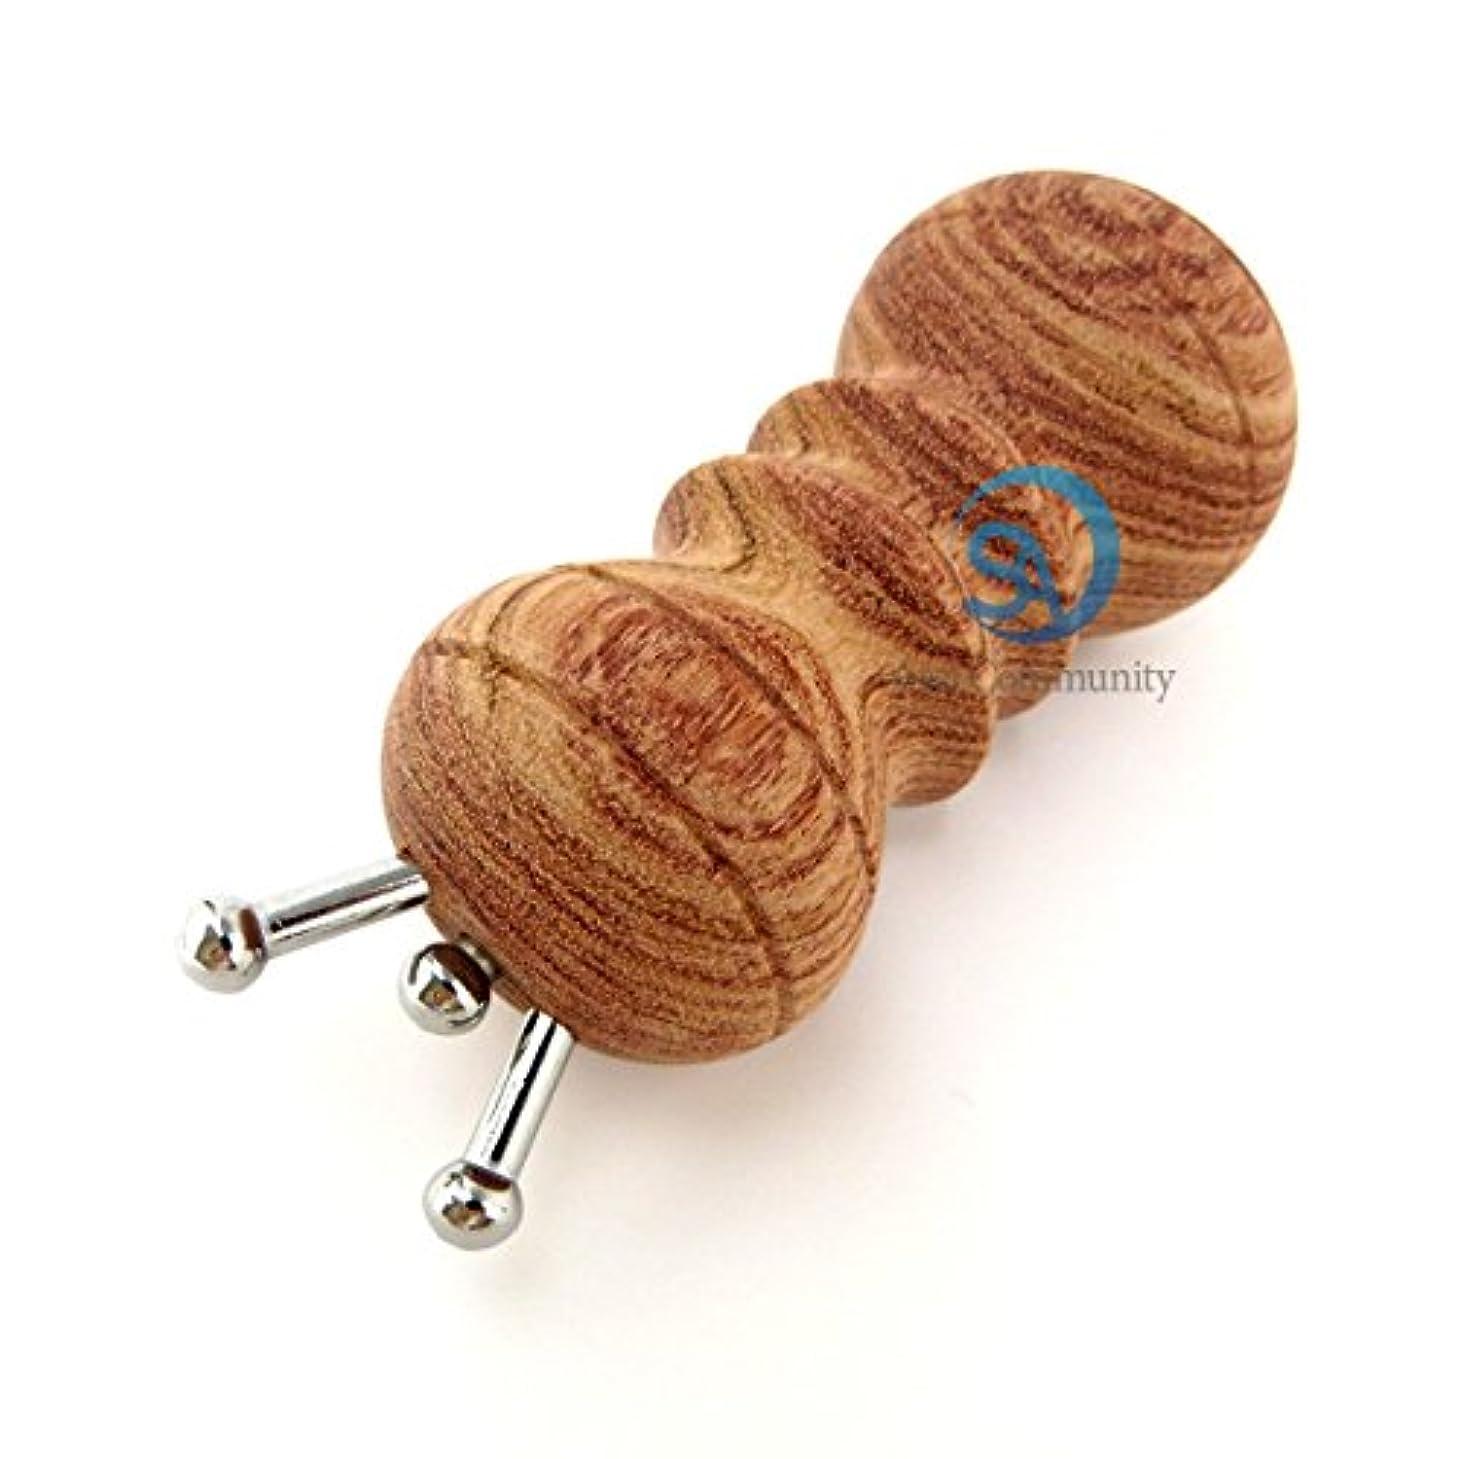 数値引き渡すアサートかっさ 無痕かっさ 天然花梨木 (カリボク) 磁石付き マッサージ器